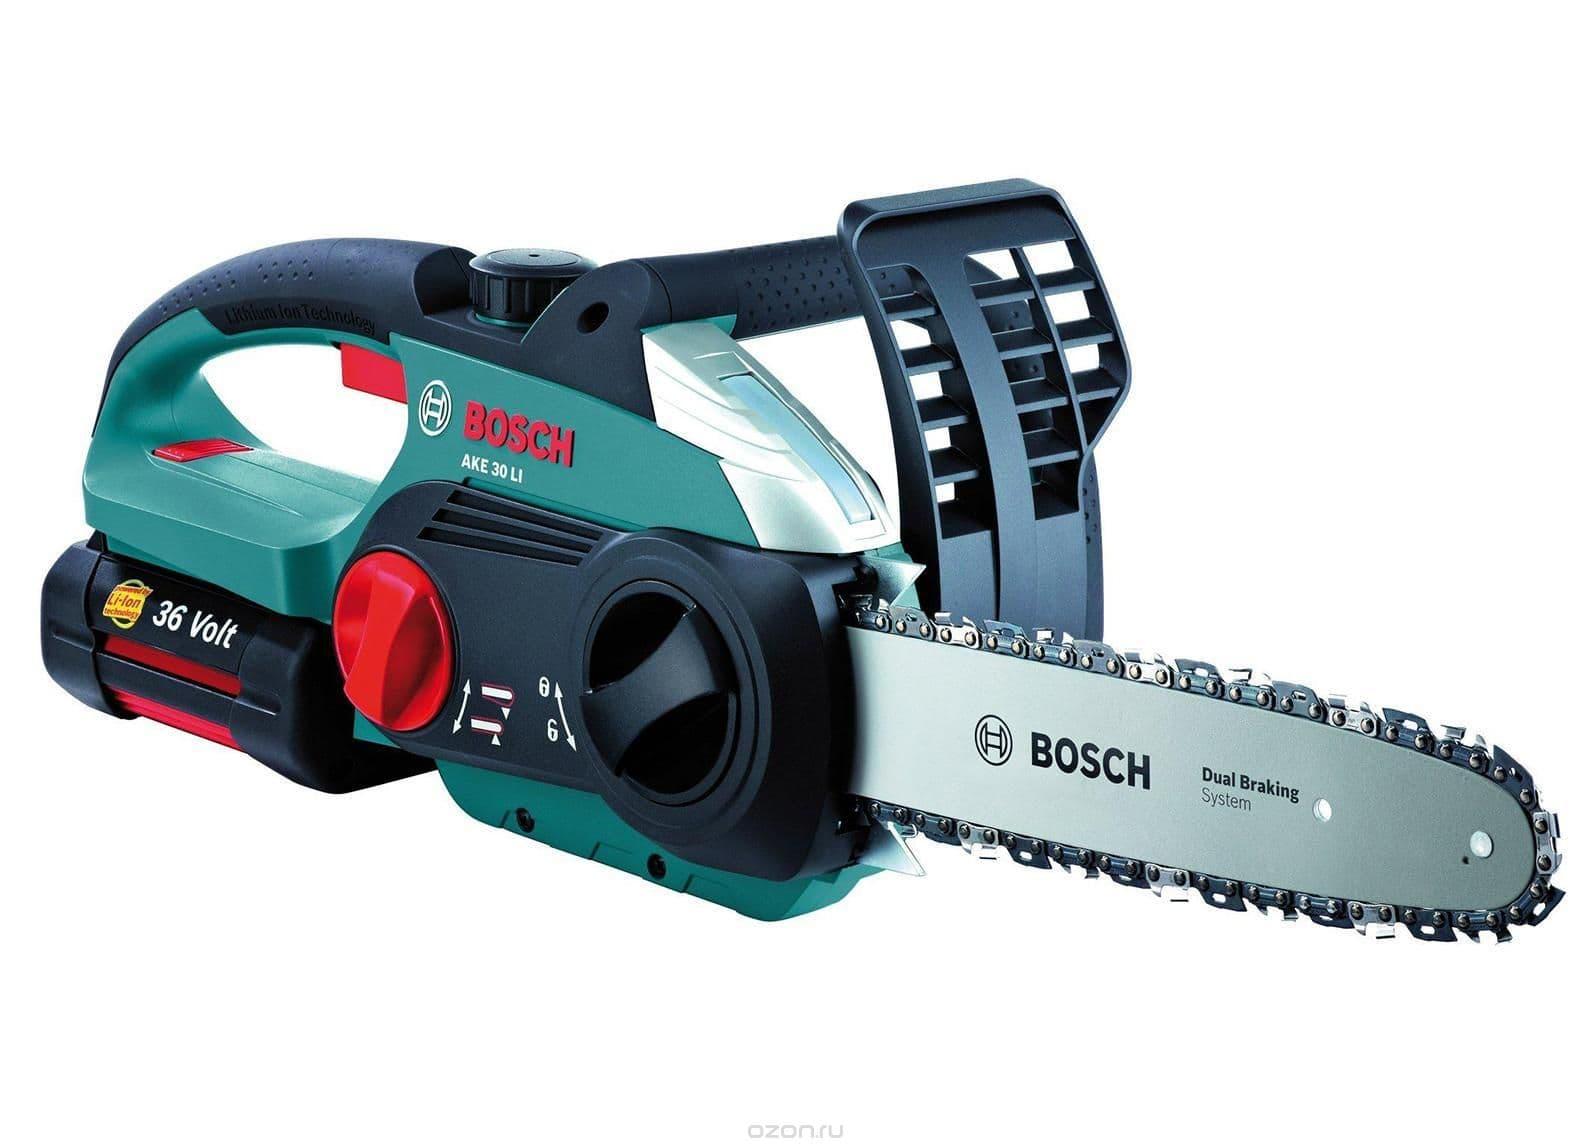 пила Bosch AKE 30 LI